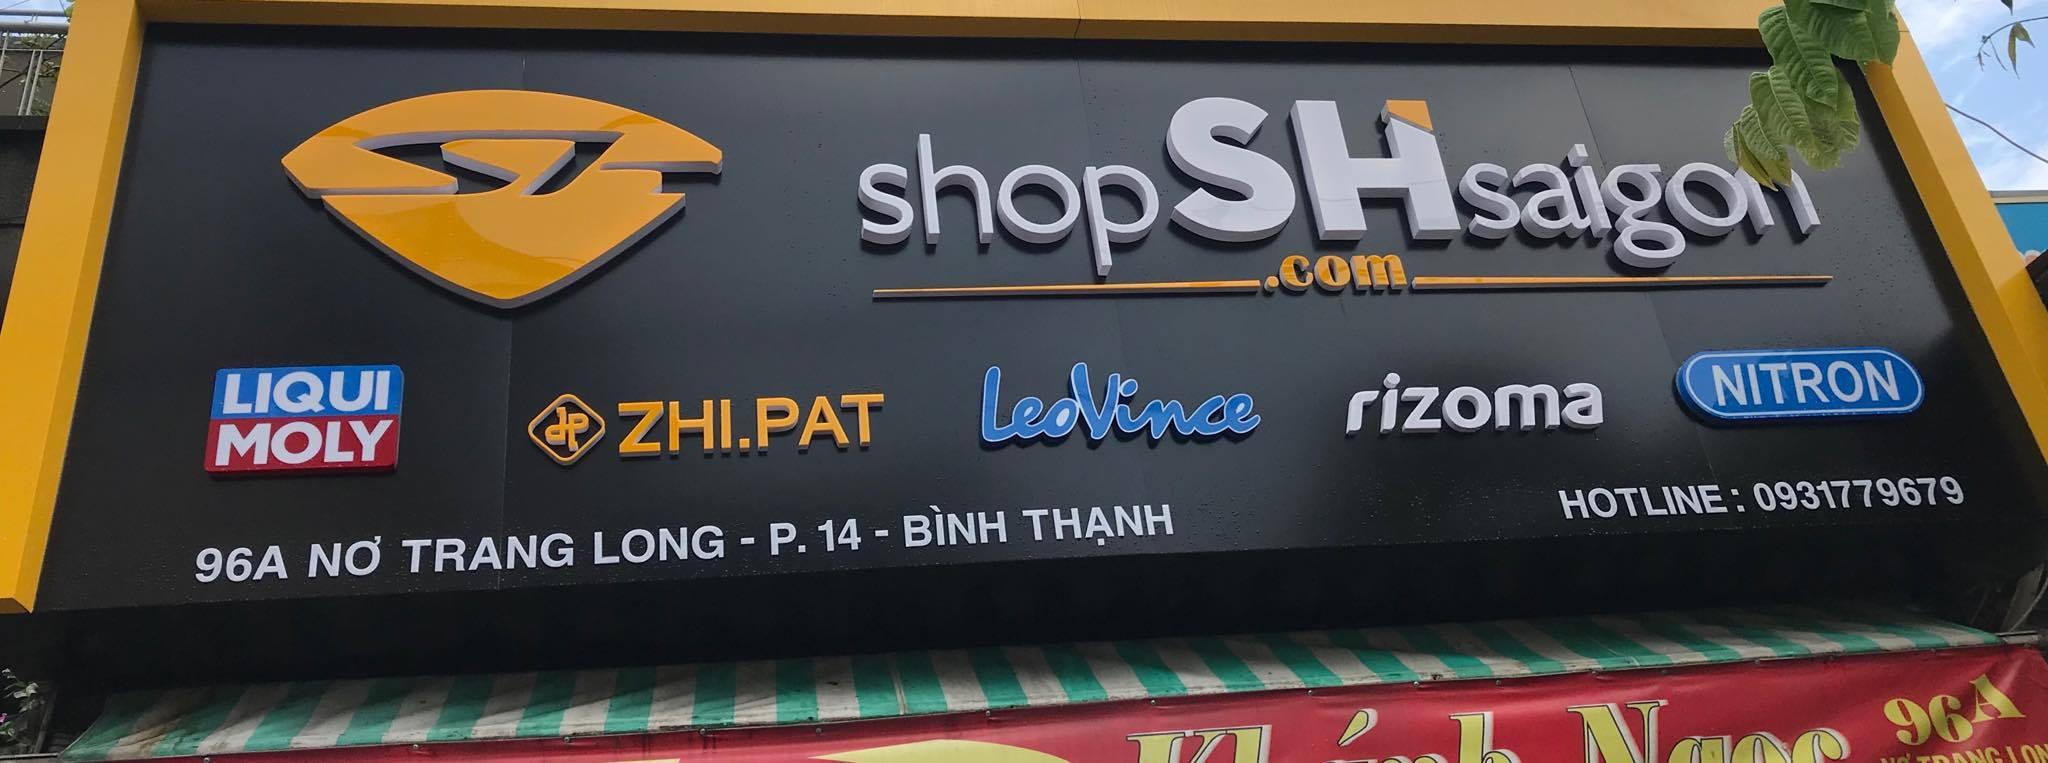 shopshsaigon.com 121 - Shopshsaigon Tự Hào Là Nhà Phân Phối Chính Thức Của Xprotect Tại Việt Nam